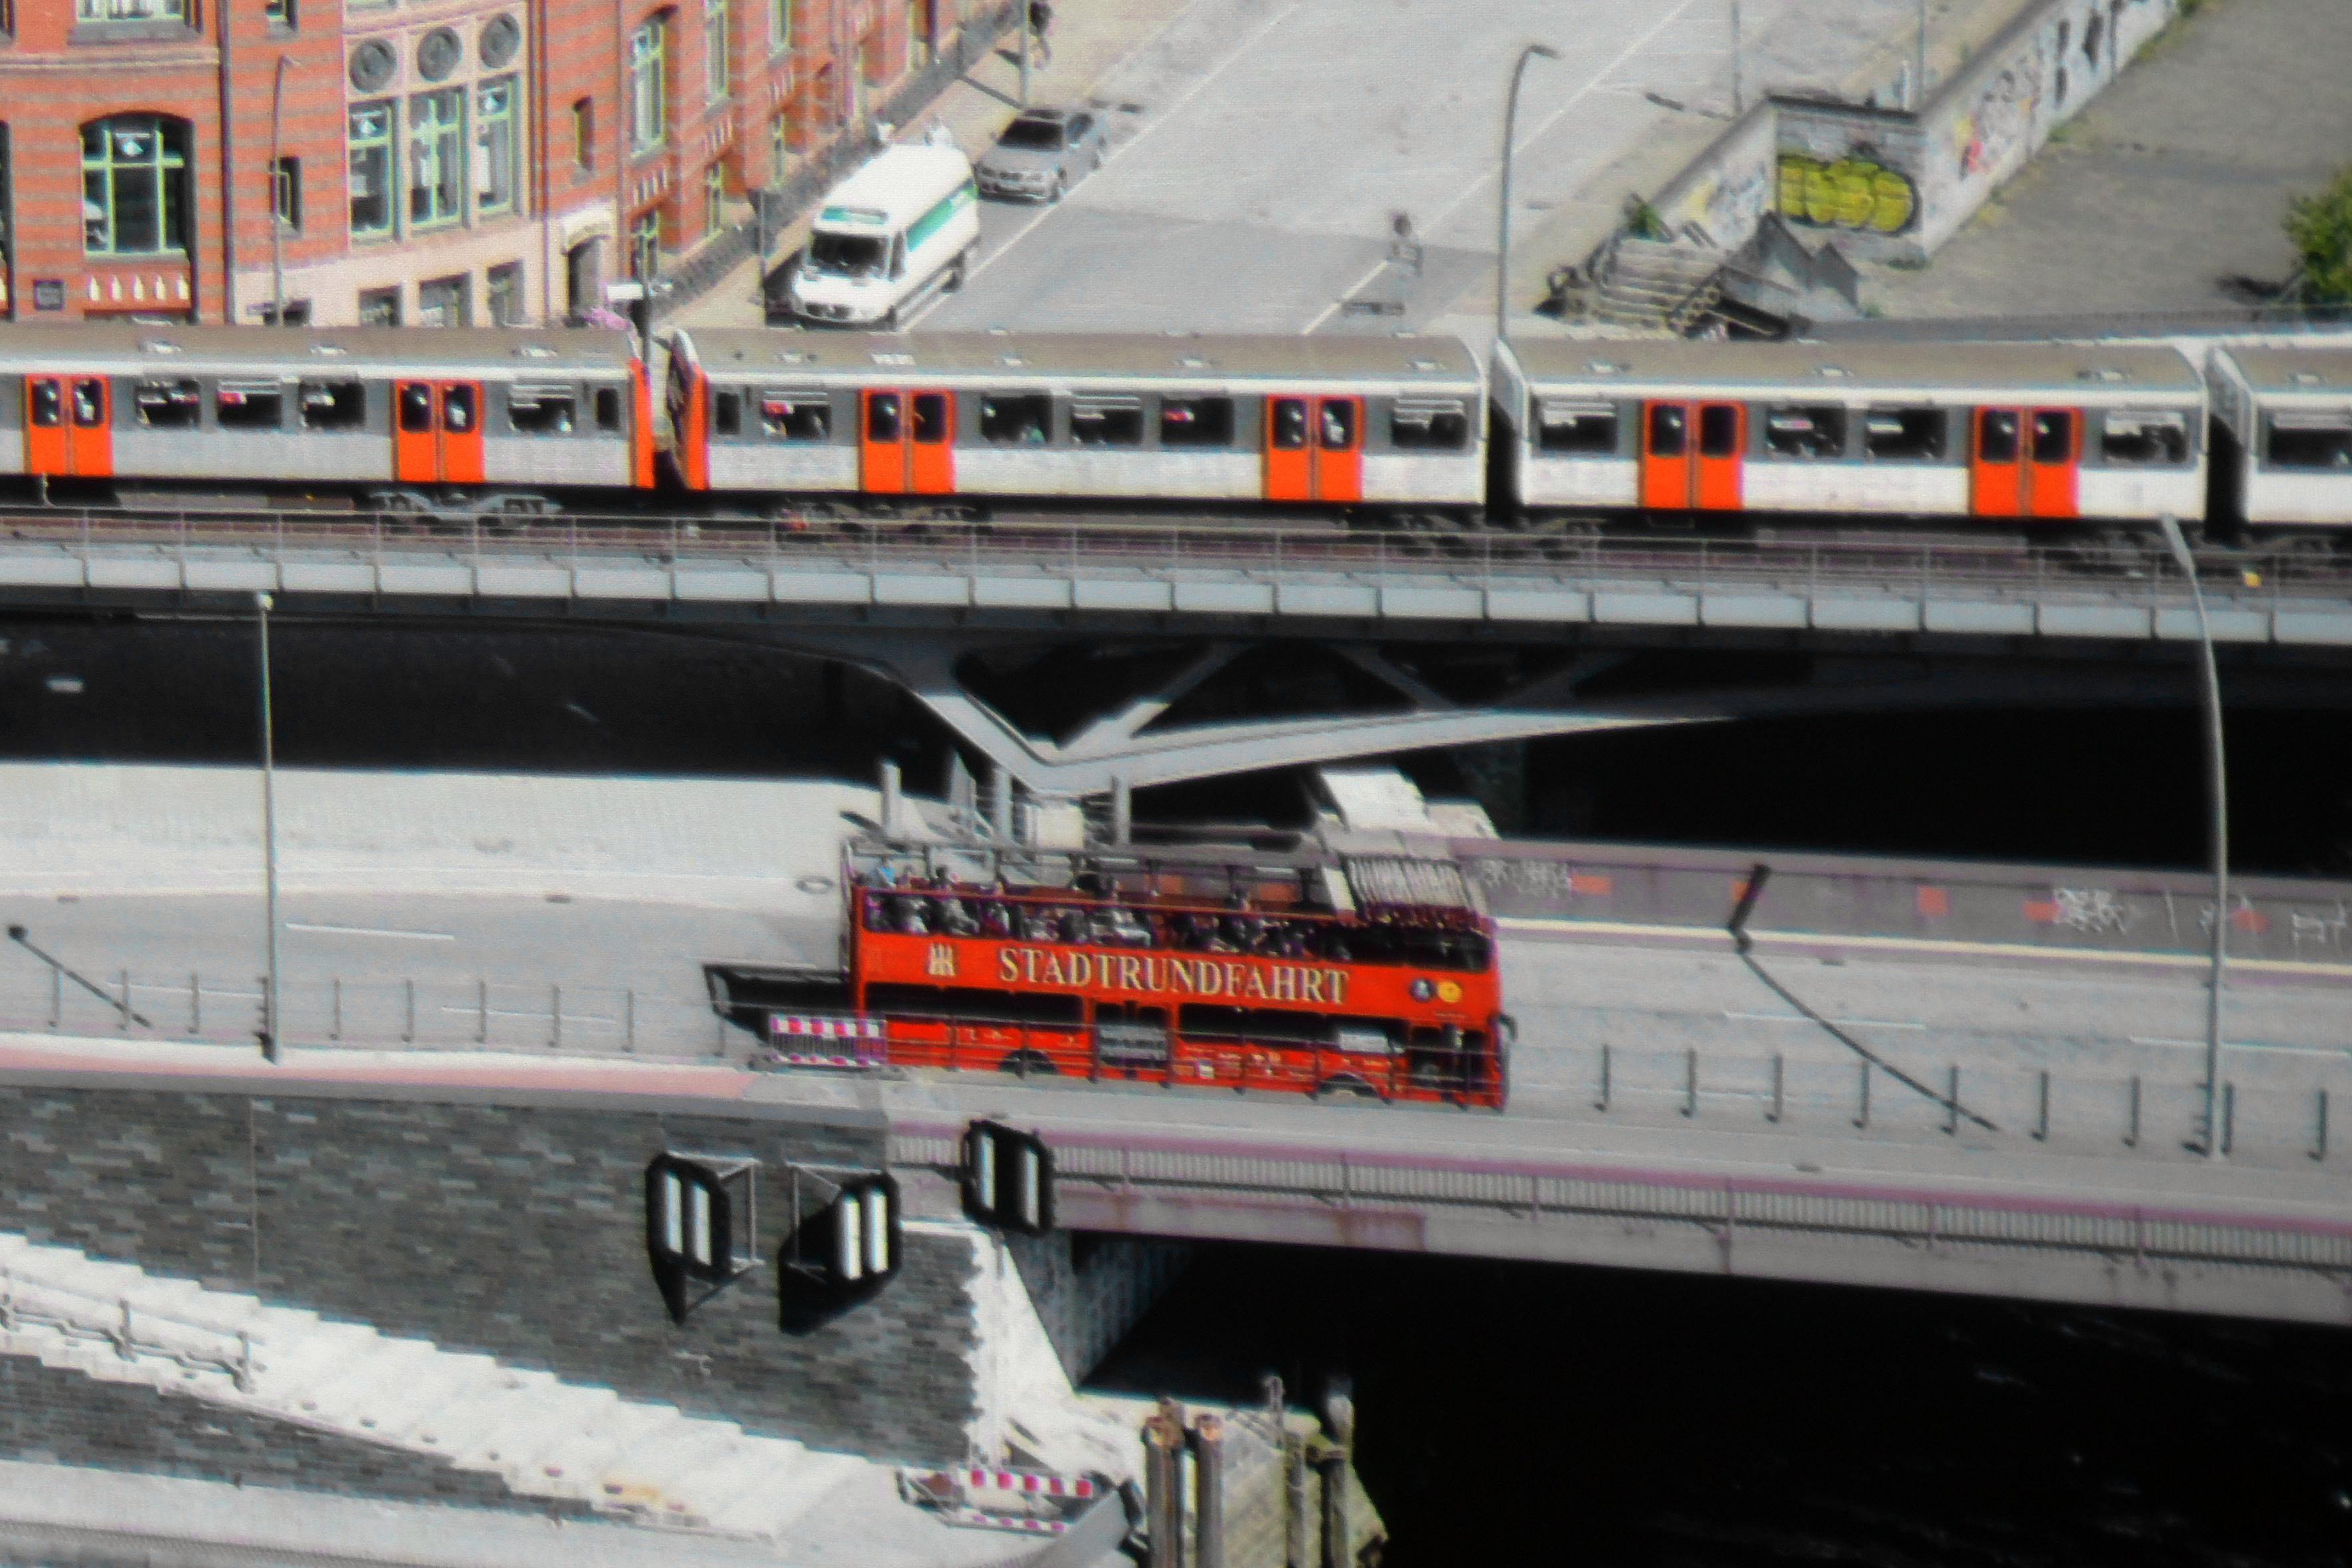 """Sony VPL-VW270 Der Schriftzug """"Stadtrundfahrt"""" ist noch klarer zu lesen. Auch das Hamburg Wappen stellt der Sony vollständig dar. Einzelne Personen im Bus sind noch deutlicher abgebildet. Allerdings führt der Sony auch eine leichte """"Unscharf Maskieren""""-Funktion durch. Um Kontrastreiche Elemente befindet sich ein dünner schwarzer Rand, der im Original so nicht vorhanden ist. Gut zu sehen am Schriftzug und den U-Bahn-Türen."""